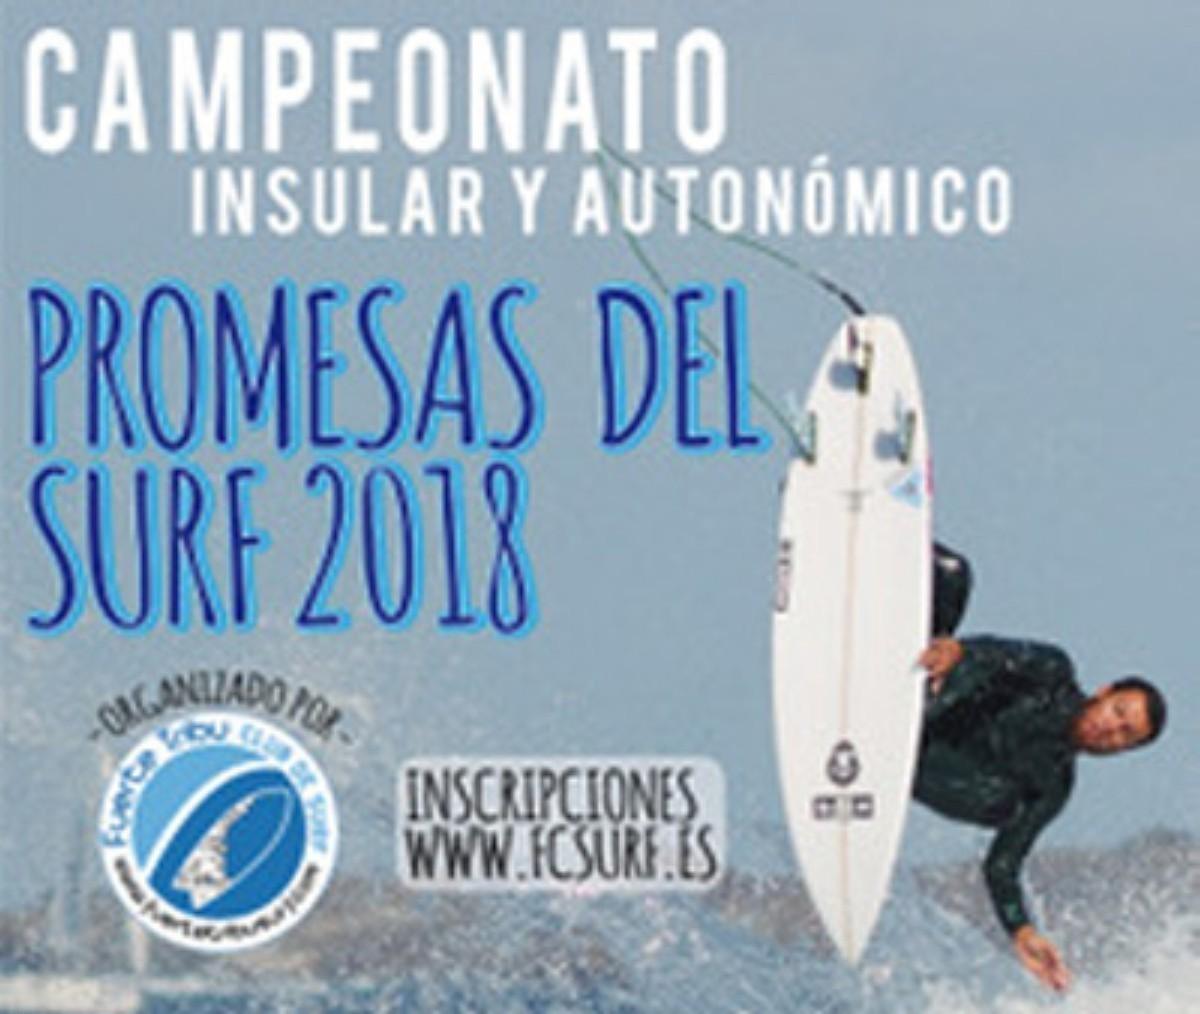 Campeonato autonómico e insular Promesas del Surf Canario